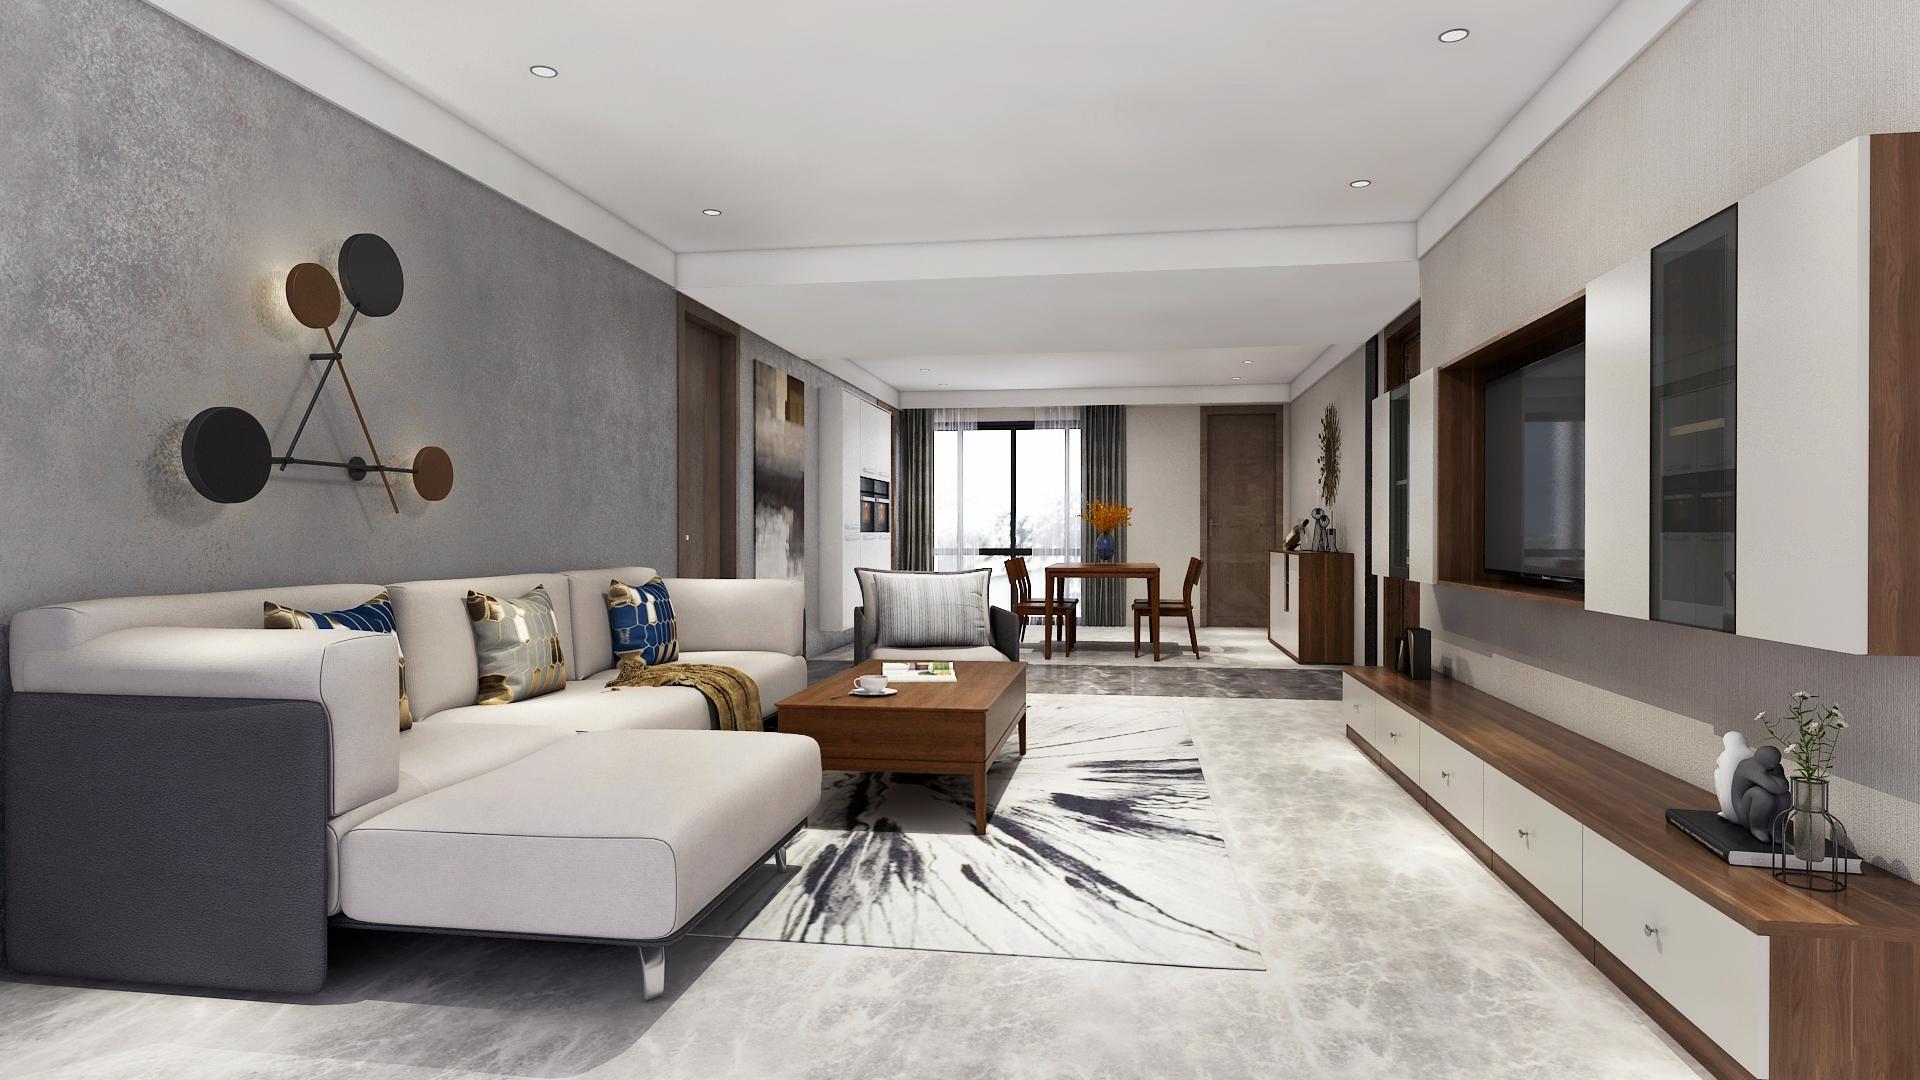 135㎡新中式美宅,古风韵味+现代简约,我全都要!